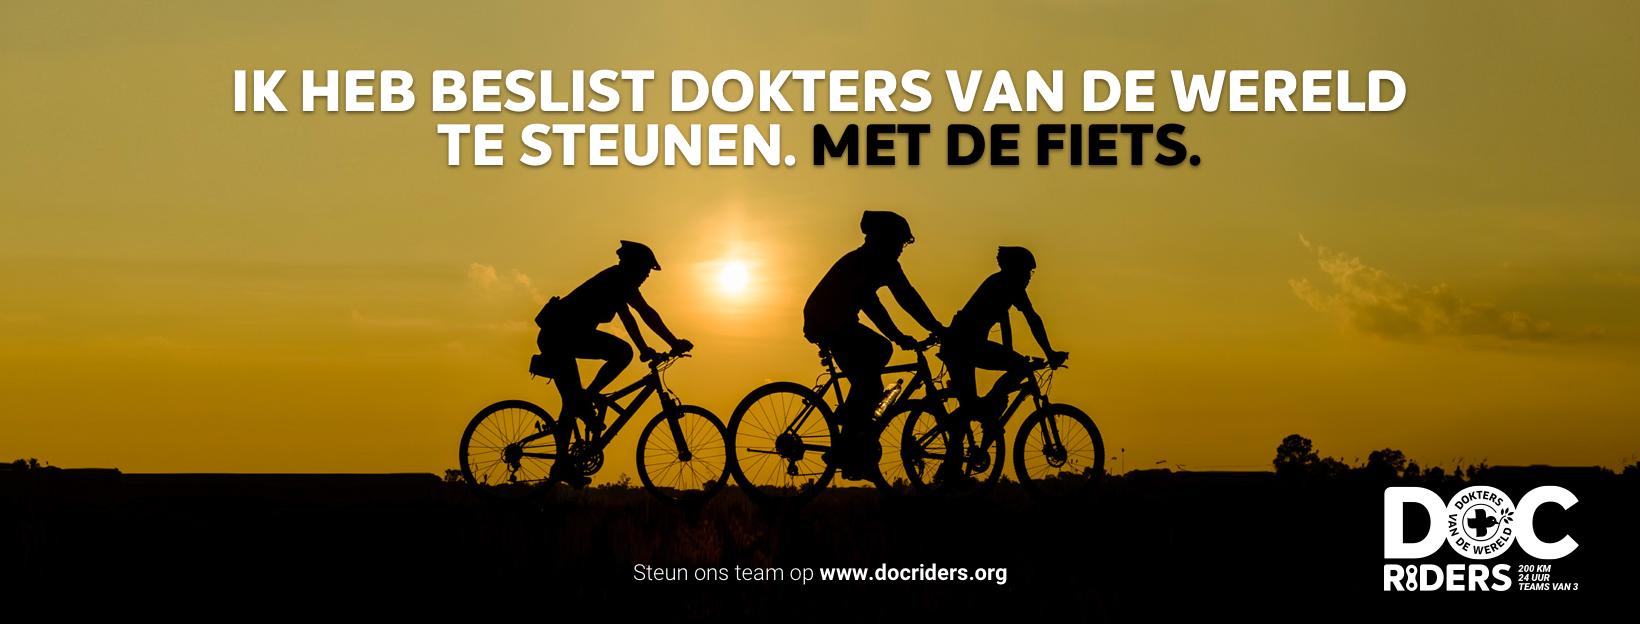 visuel - Facebook - Cover - Team - 1 - NL